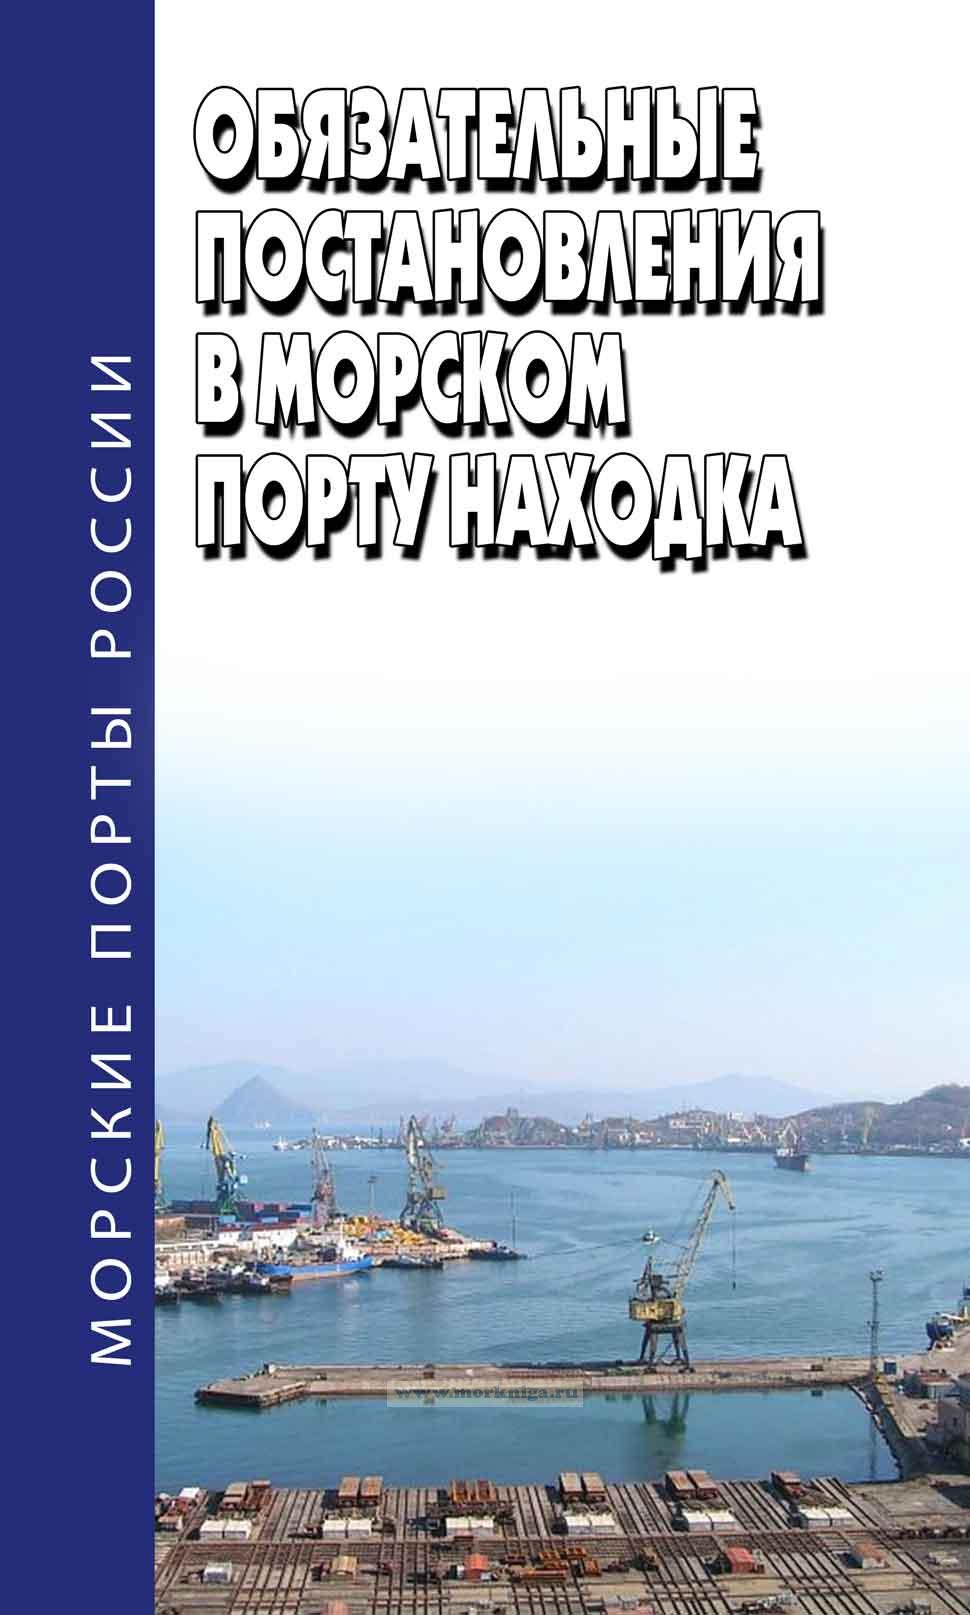 Обязательные постановления по морскому торговому порту Находка. 2019 год. Последняя редакция